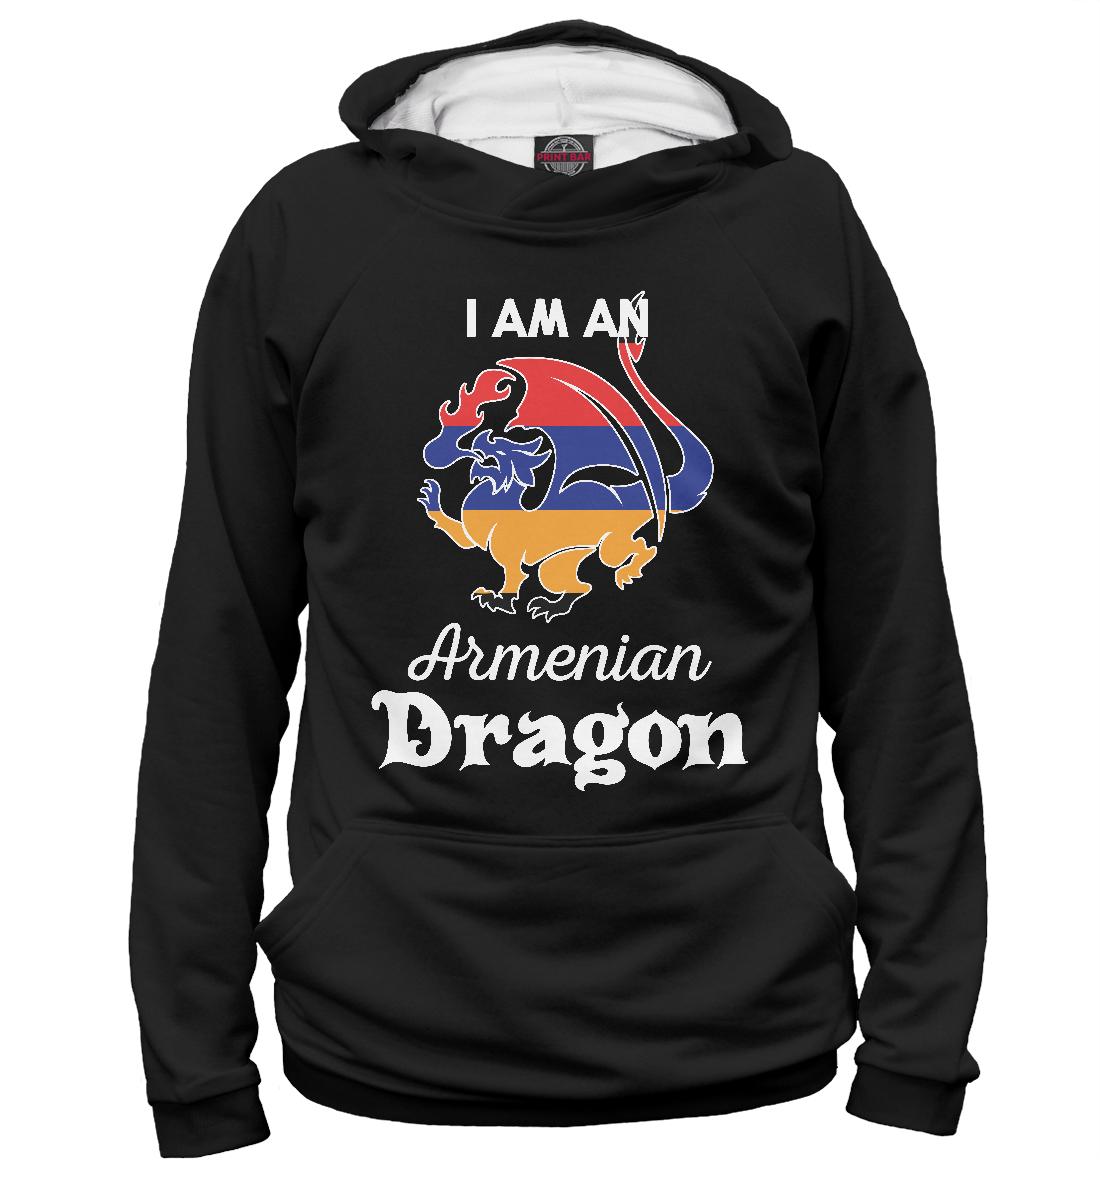 Фото - Я армянский дракон армянский анекдот